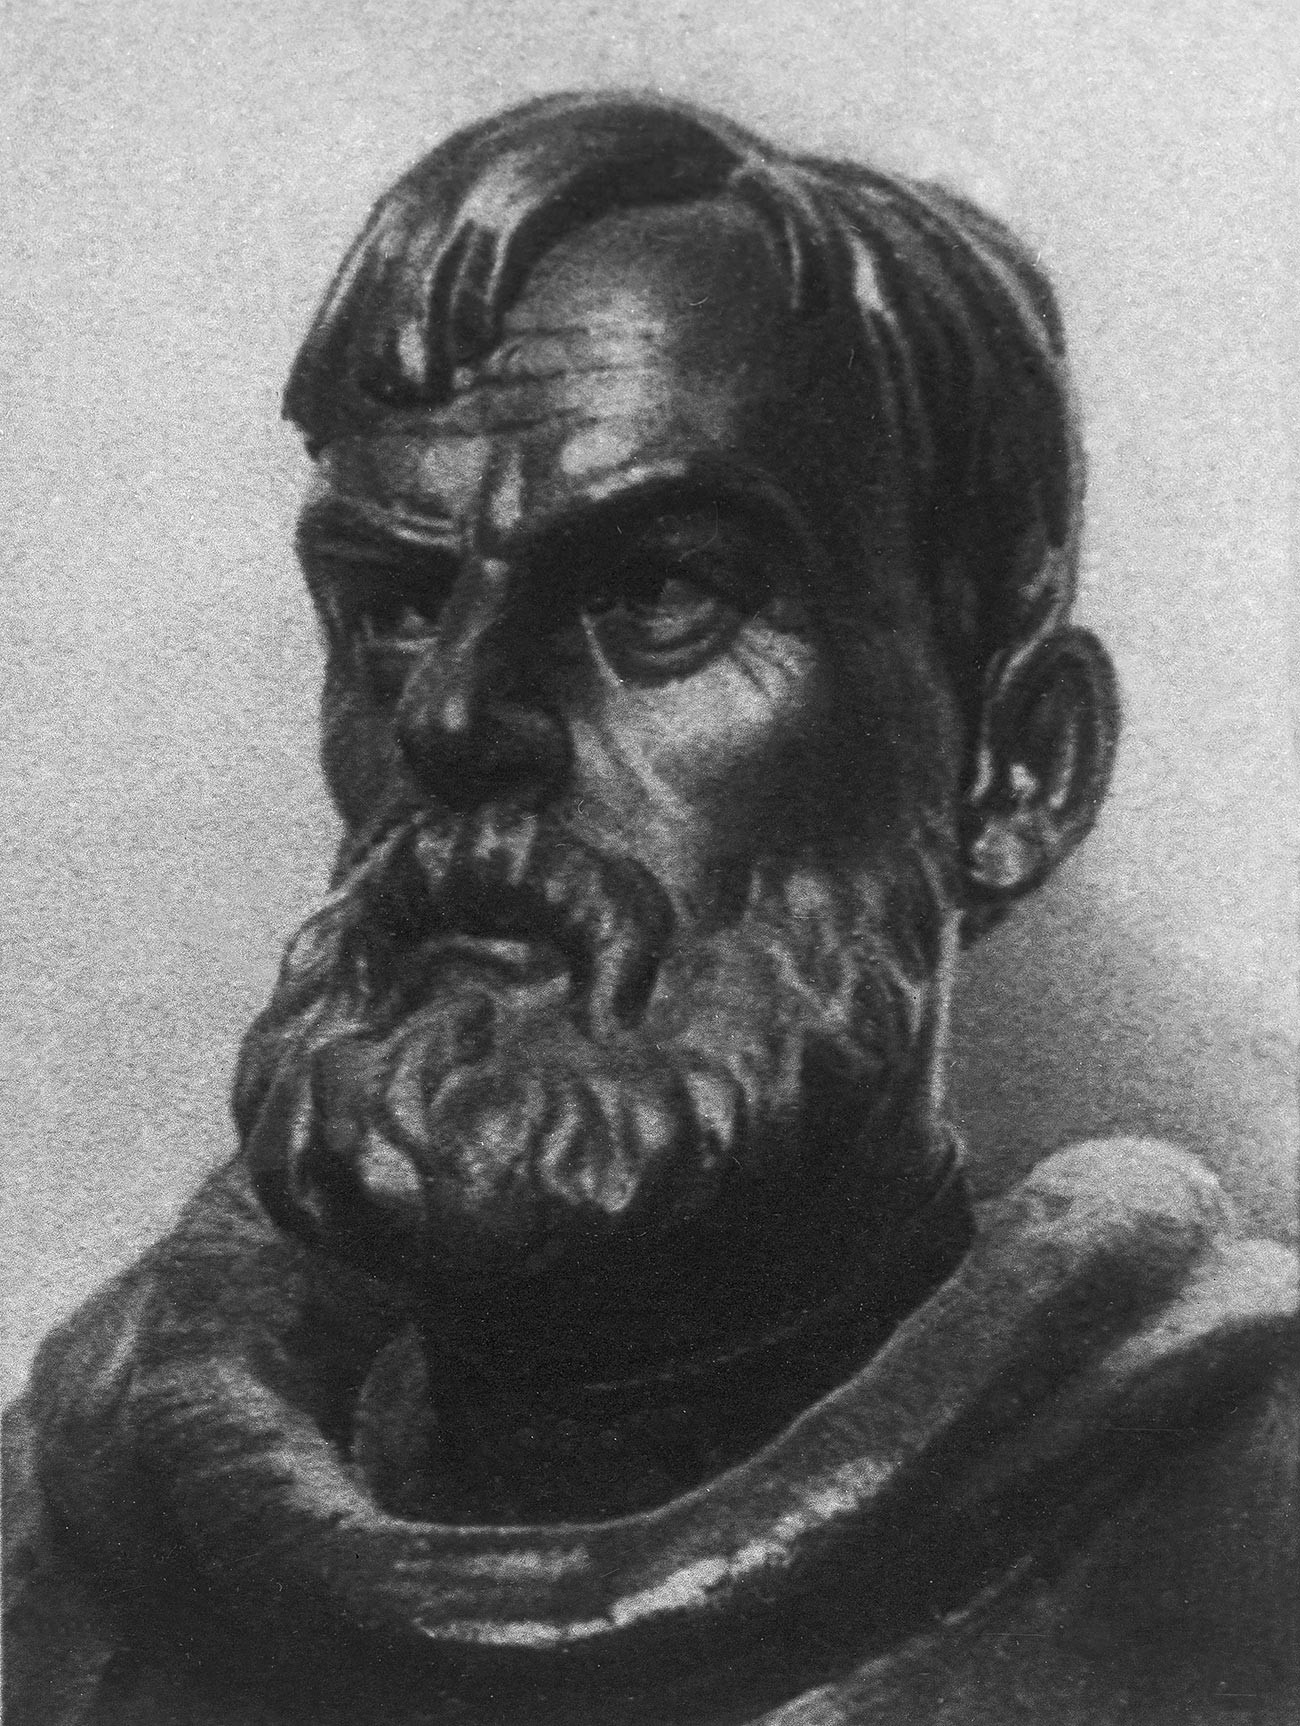 Семјон Иванович Дежњов (1605-1673), руски морепловац.